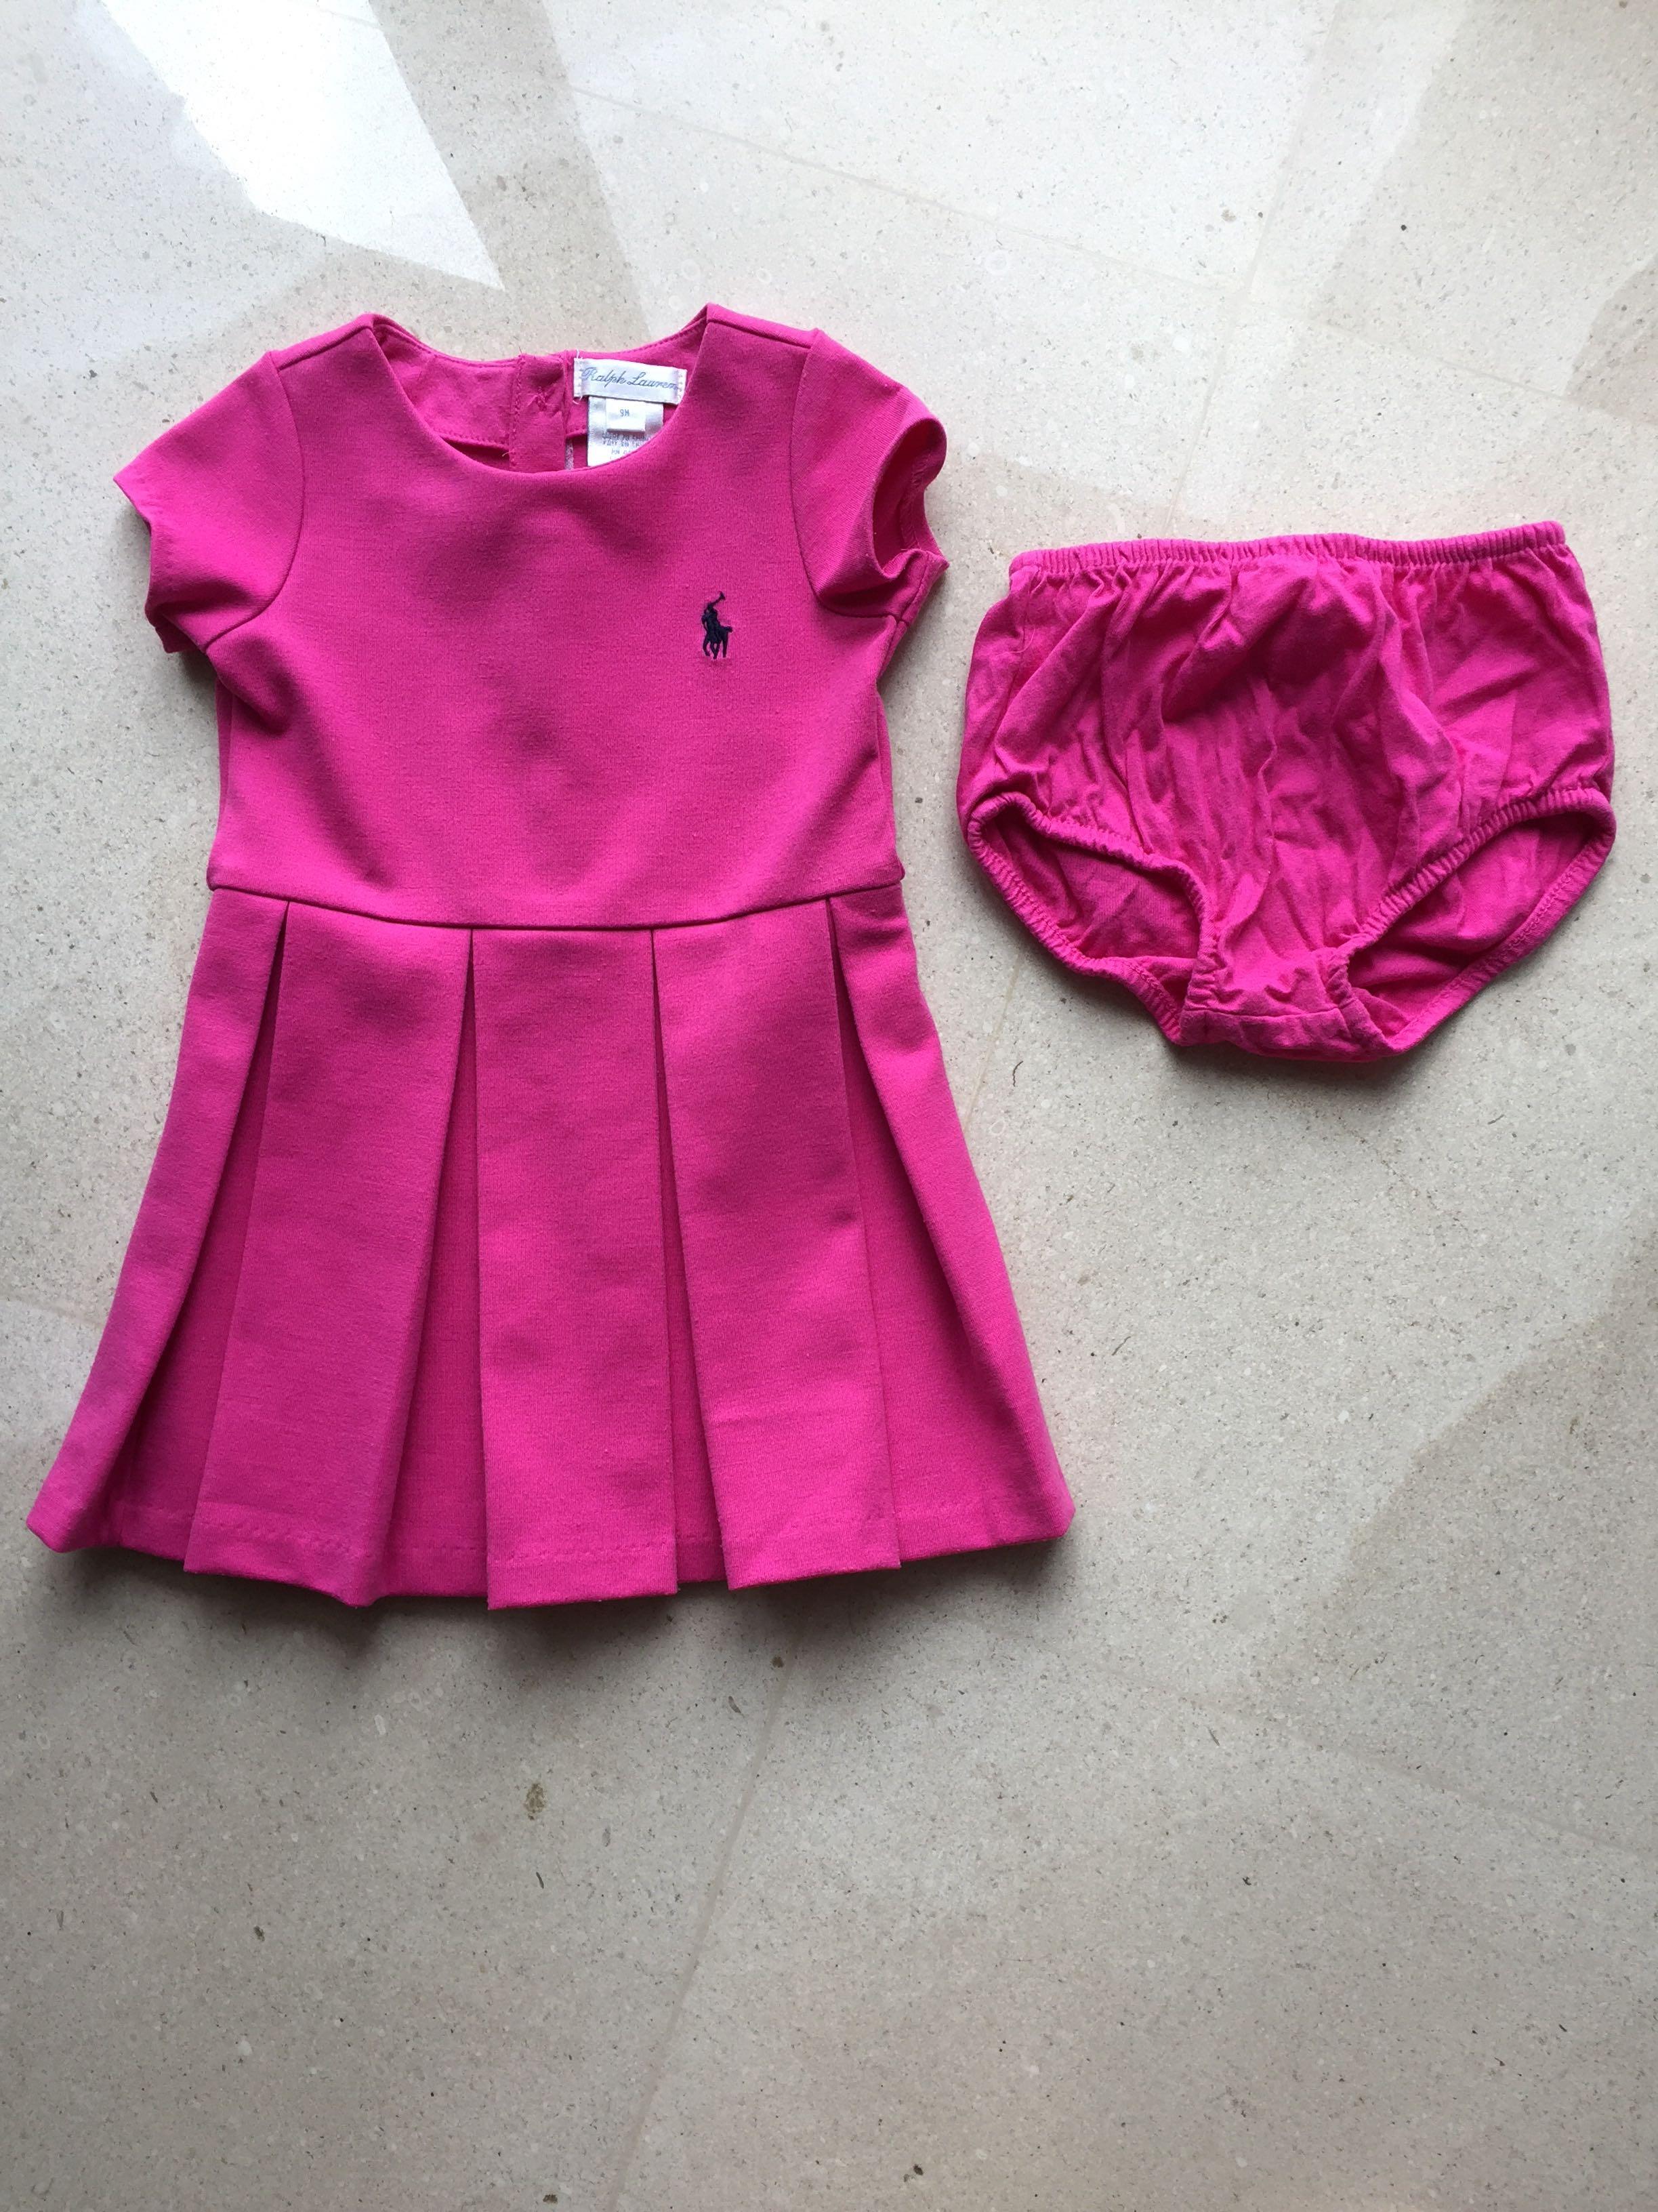 75024c5039 Authentic ralph lauren 9mos baby girl party dress, Babies & Kids ...